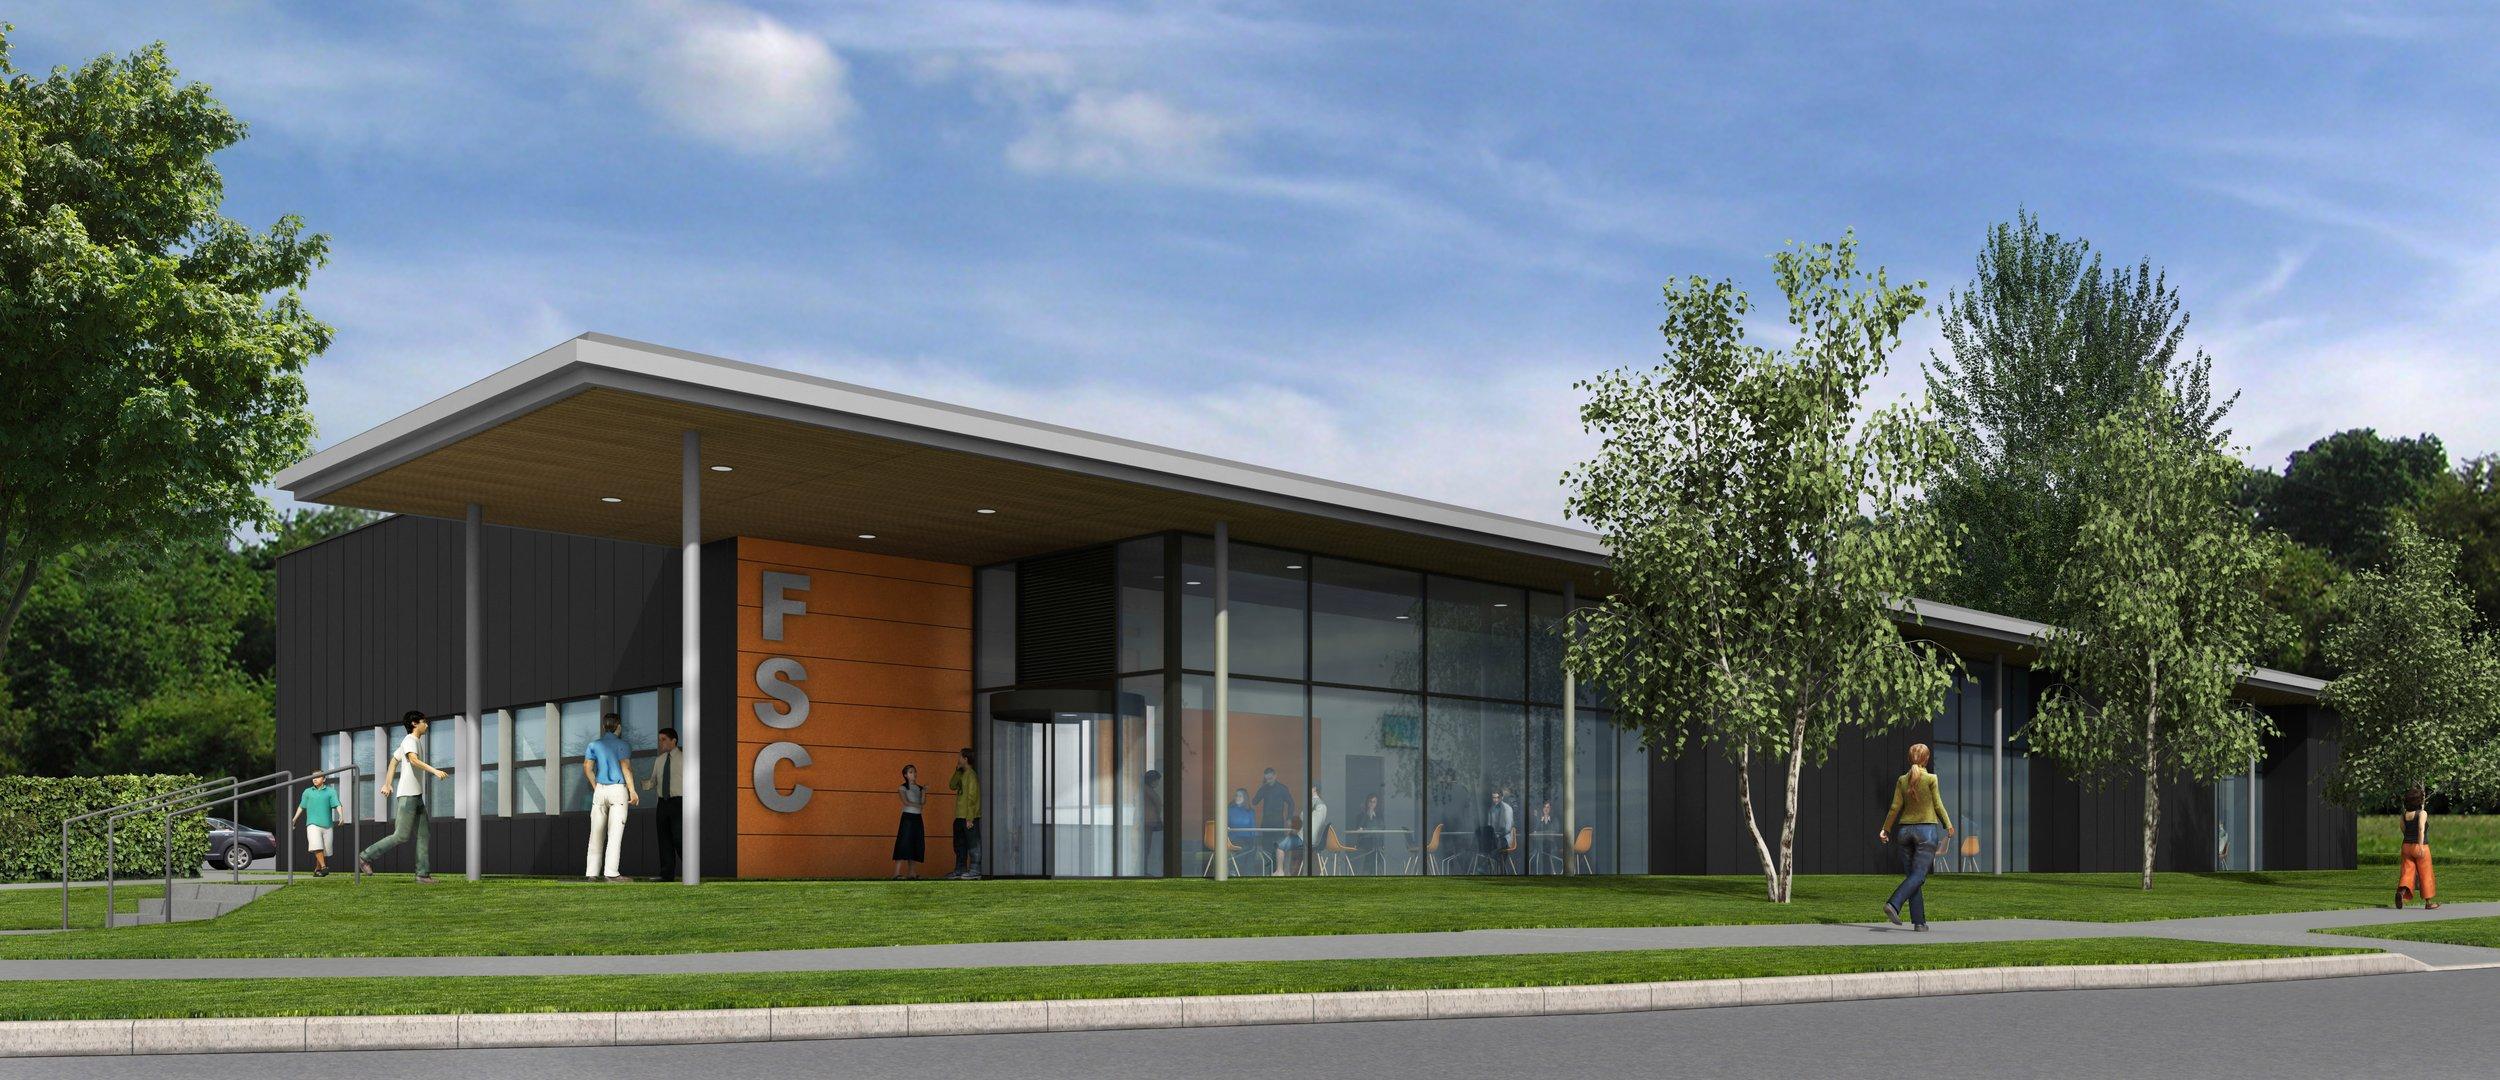 Future Skills Centre, Borden